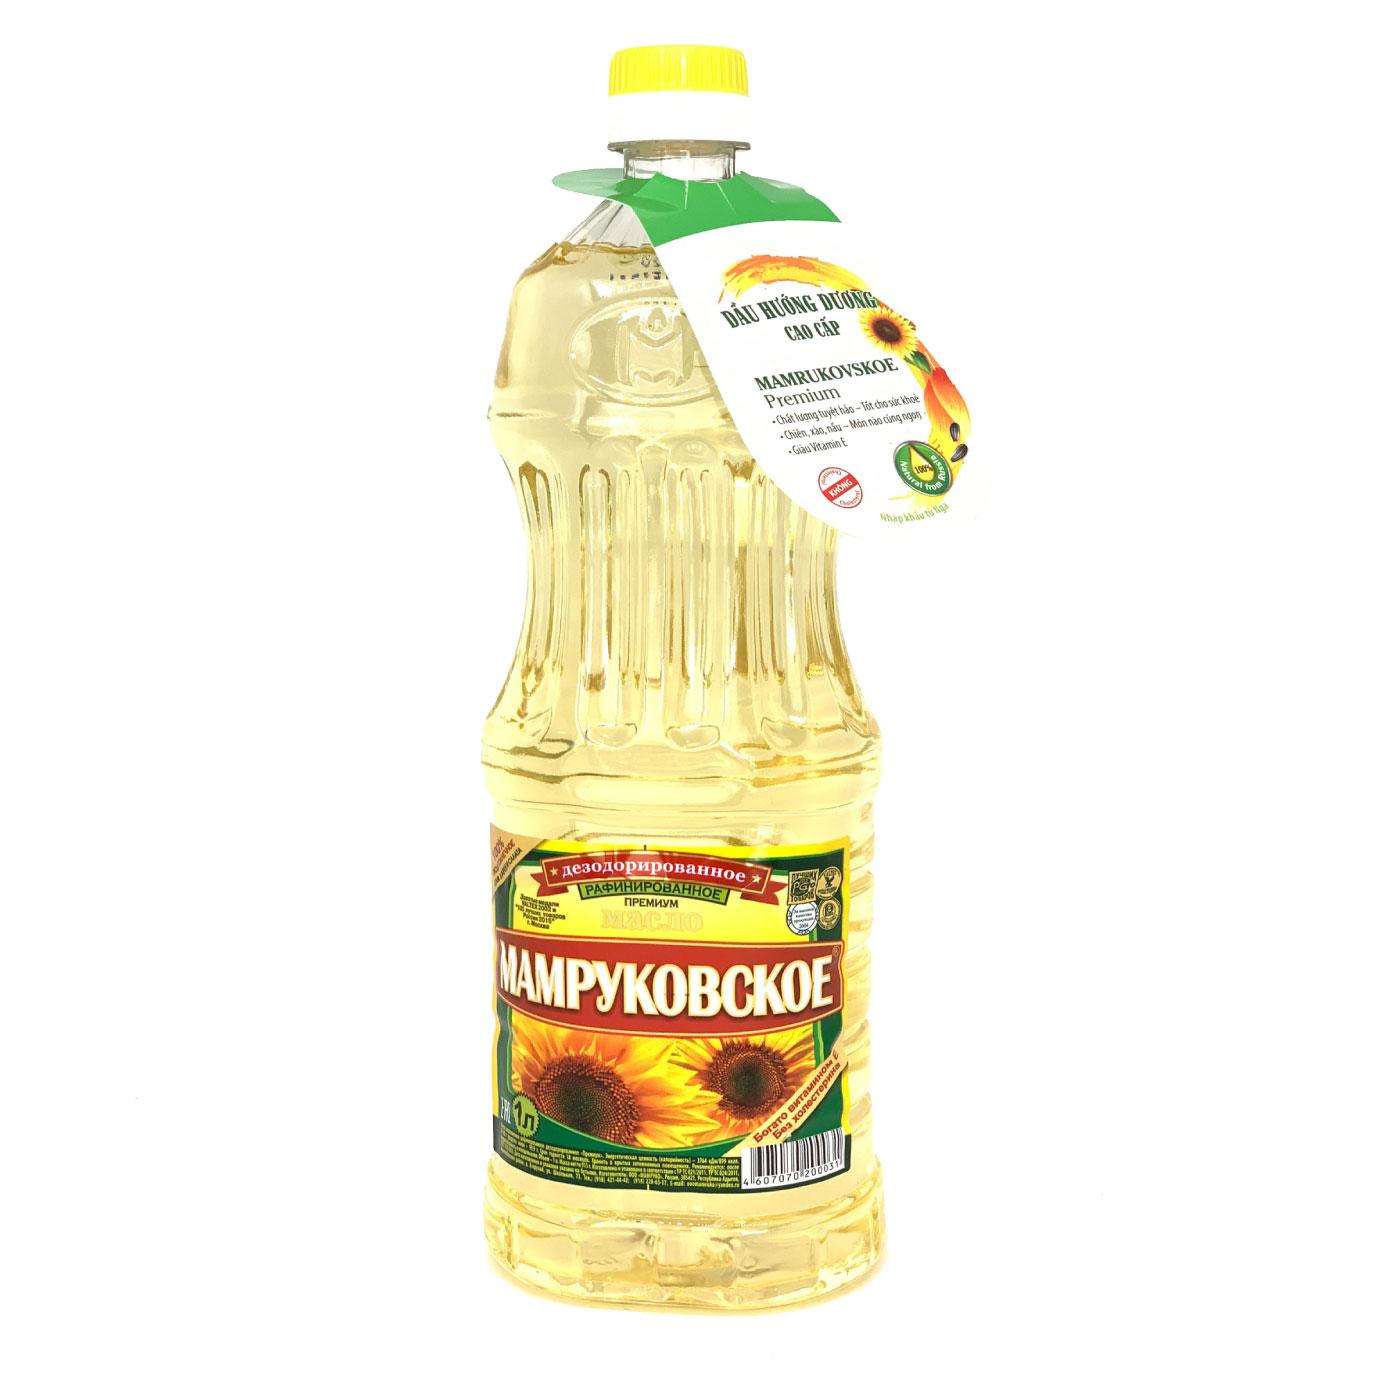 [Siêu thị VinMart] - Dầu ăn hướng dương Mamruco chai 1 lít